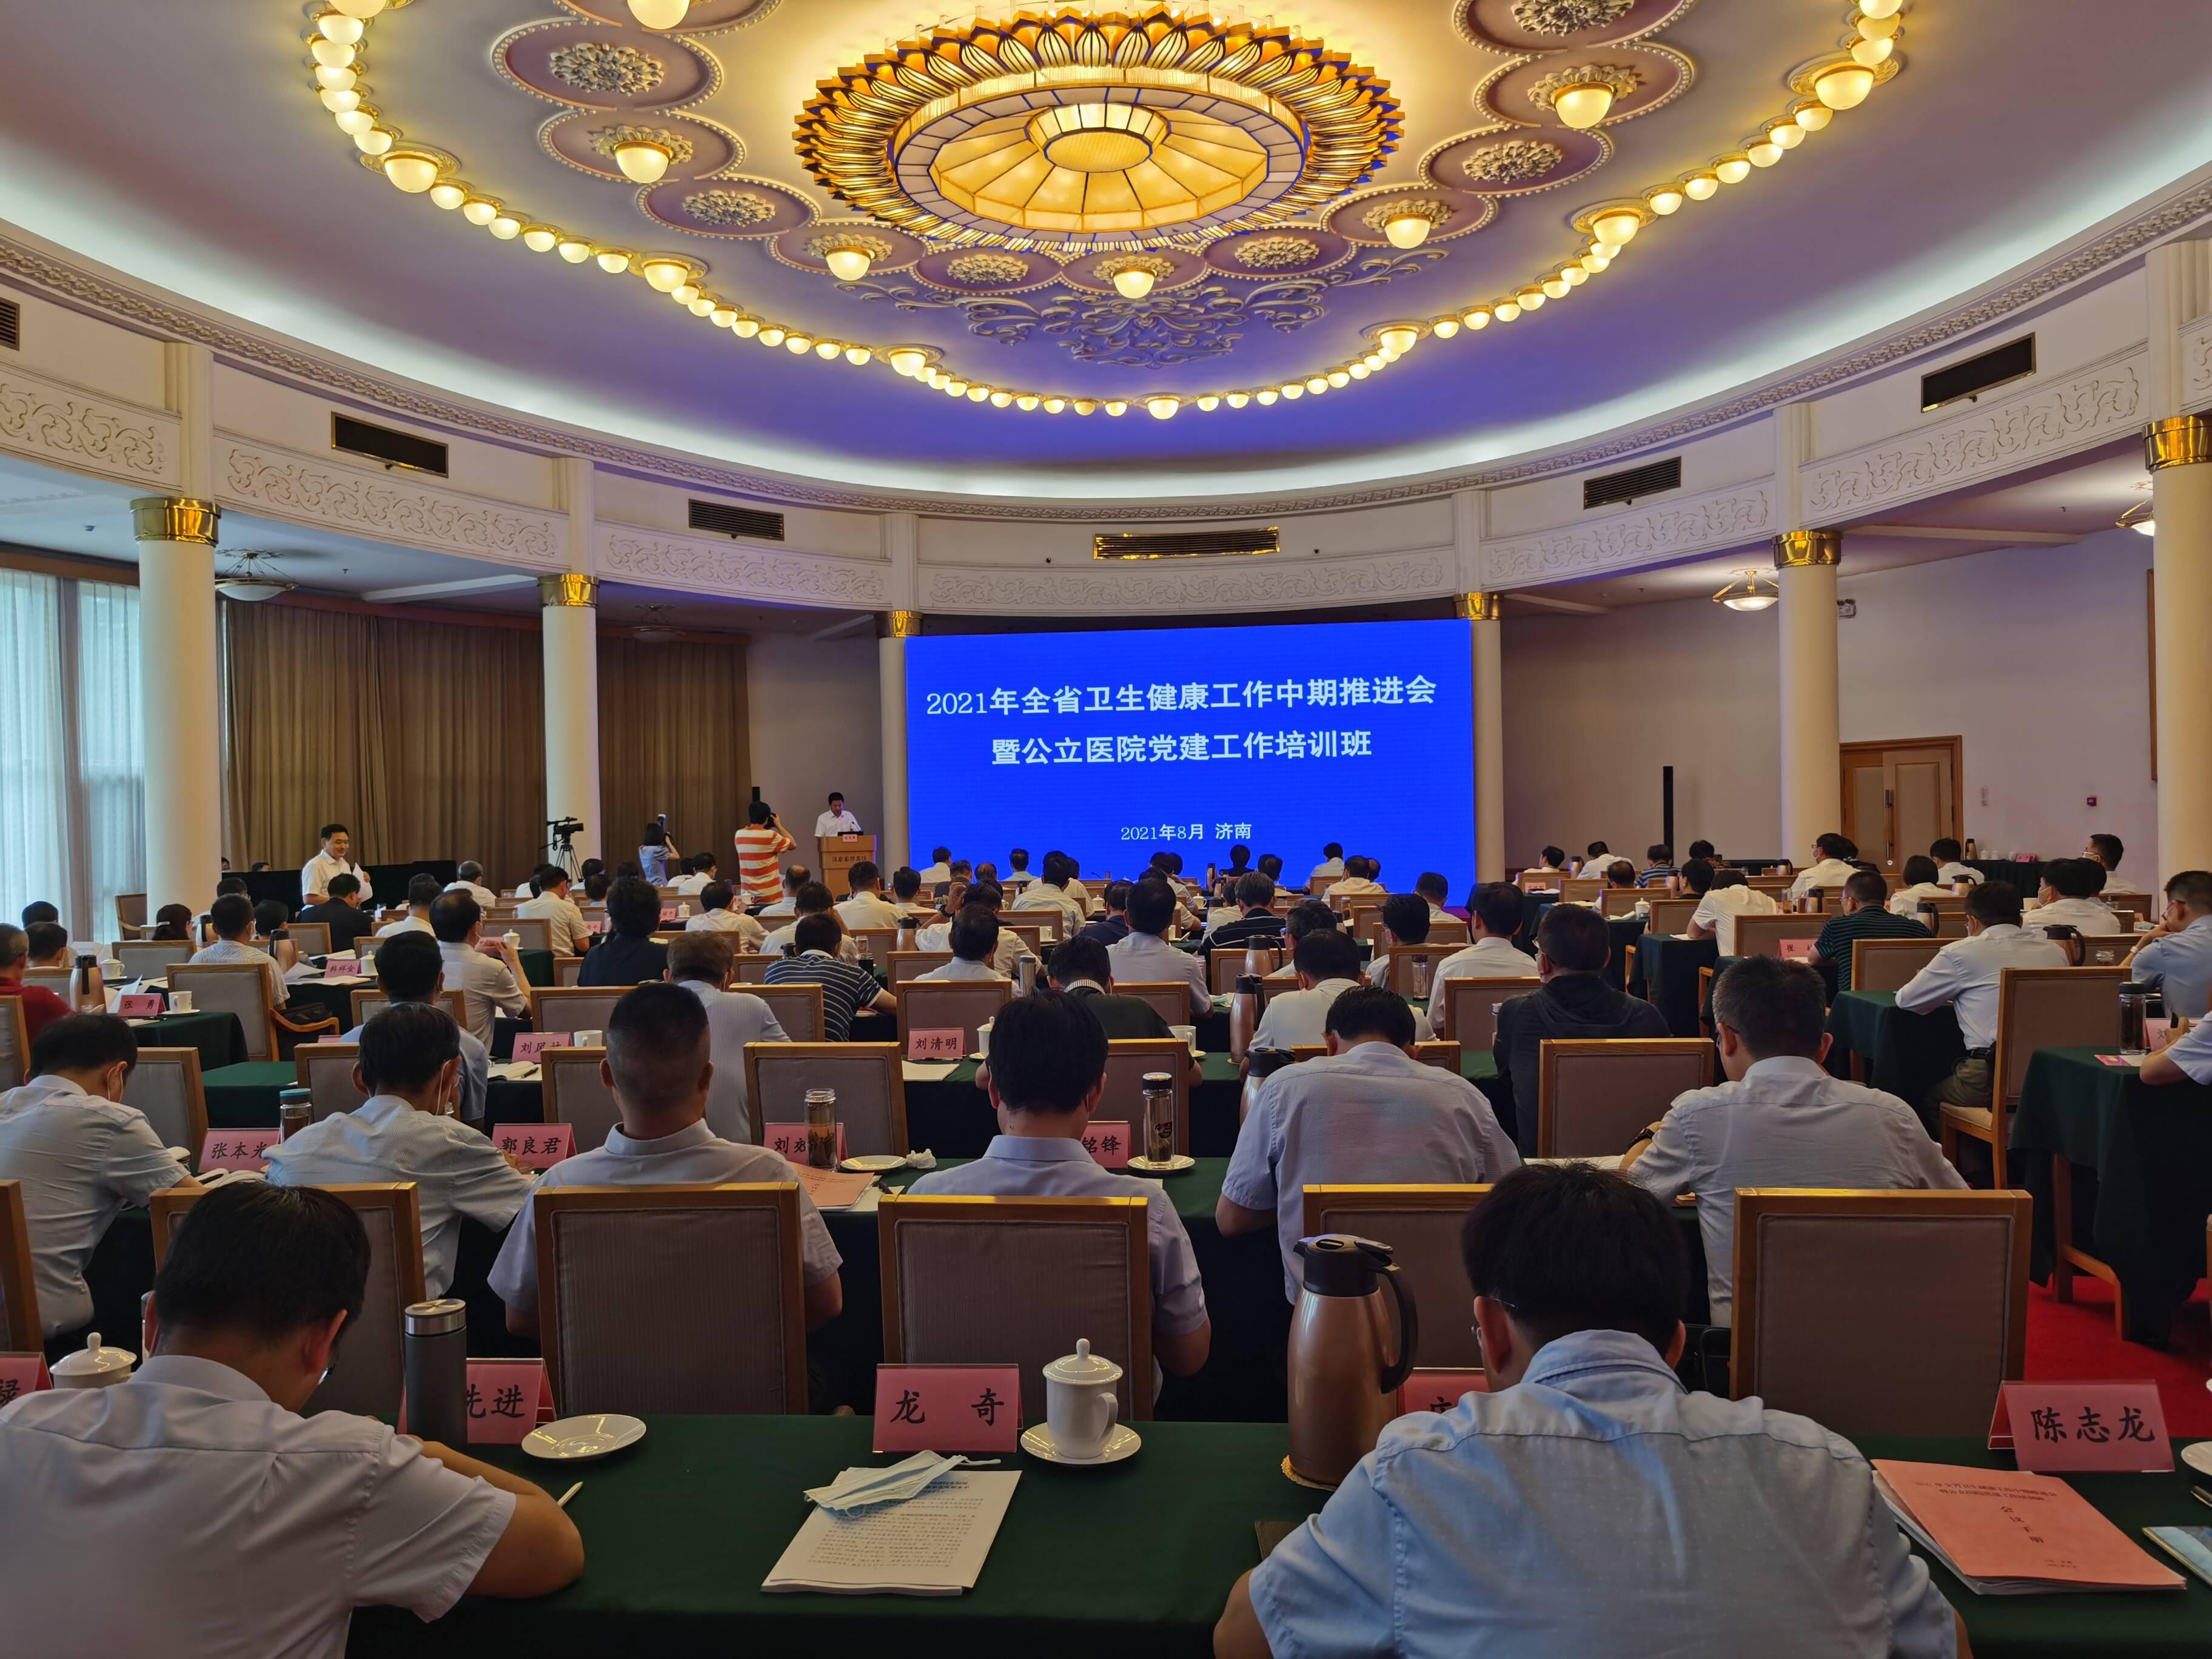 全省卫生健康工作中期推进会暨公立医院党建工作培训班在济南举办